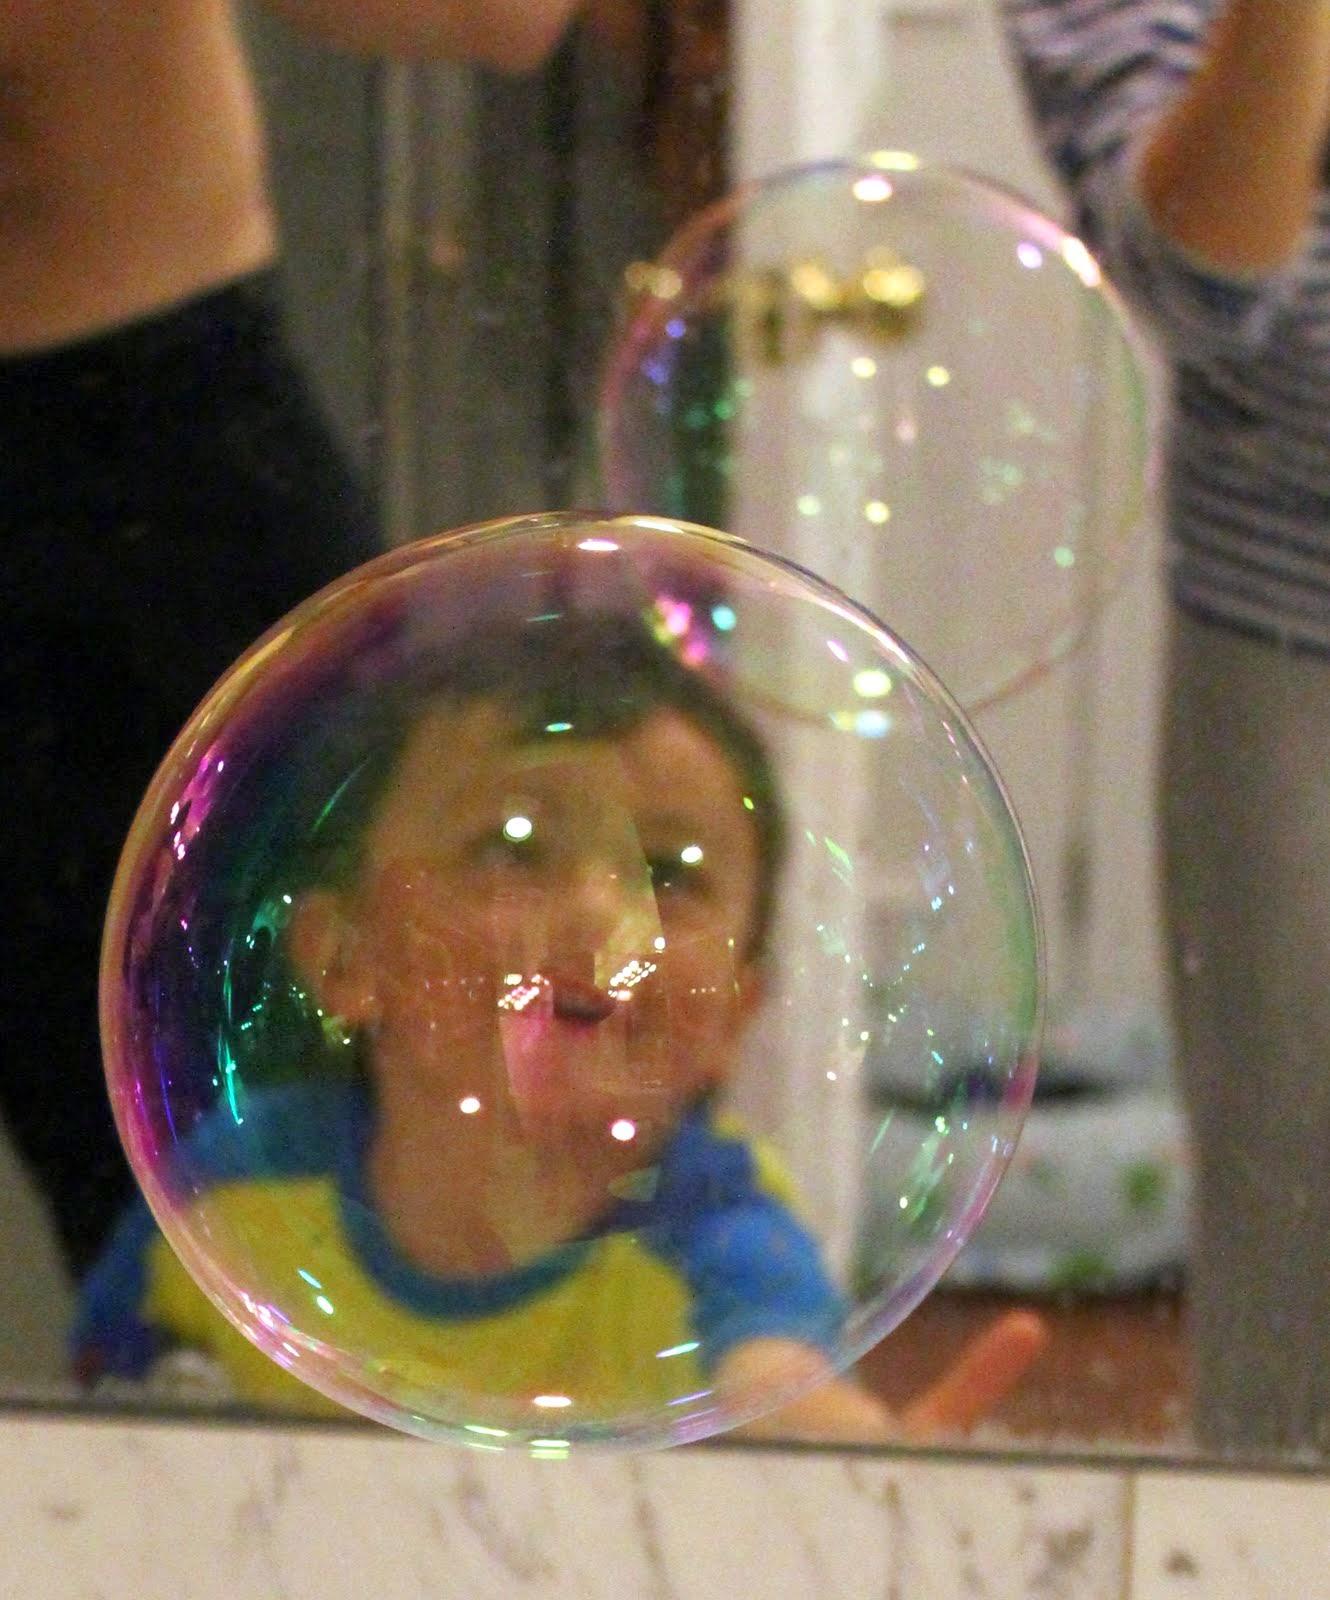 Как сделать шоу мыльных пузырей в домашних условиях 9